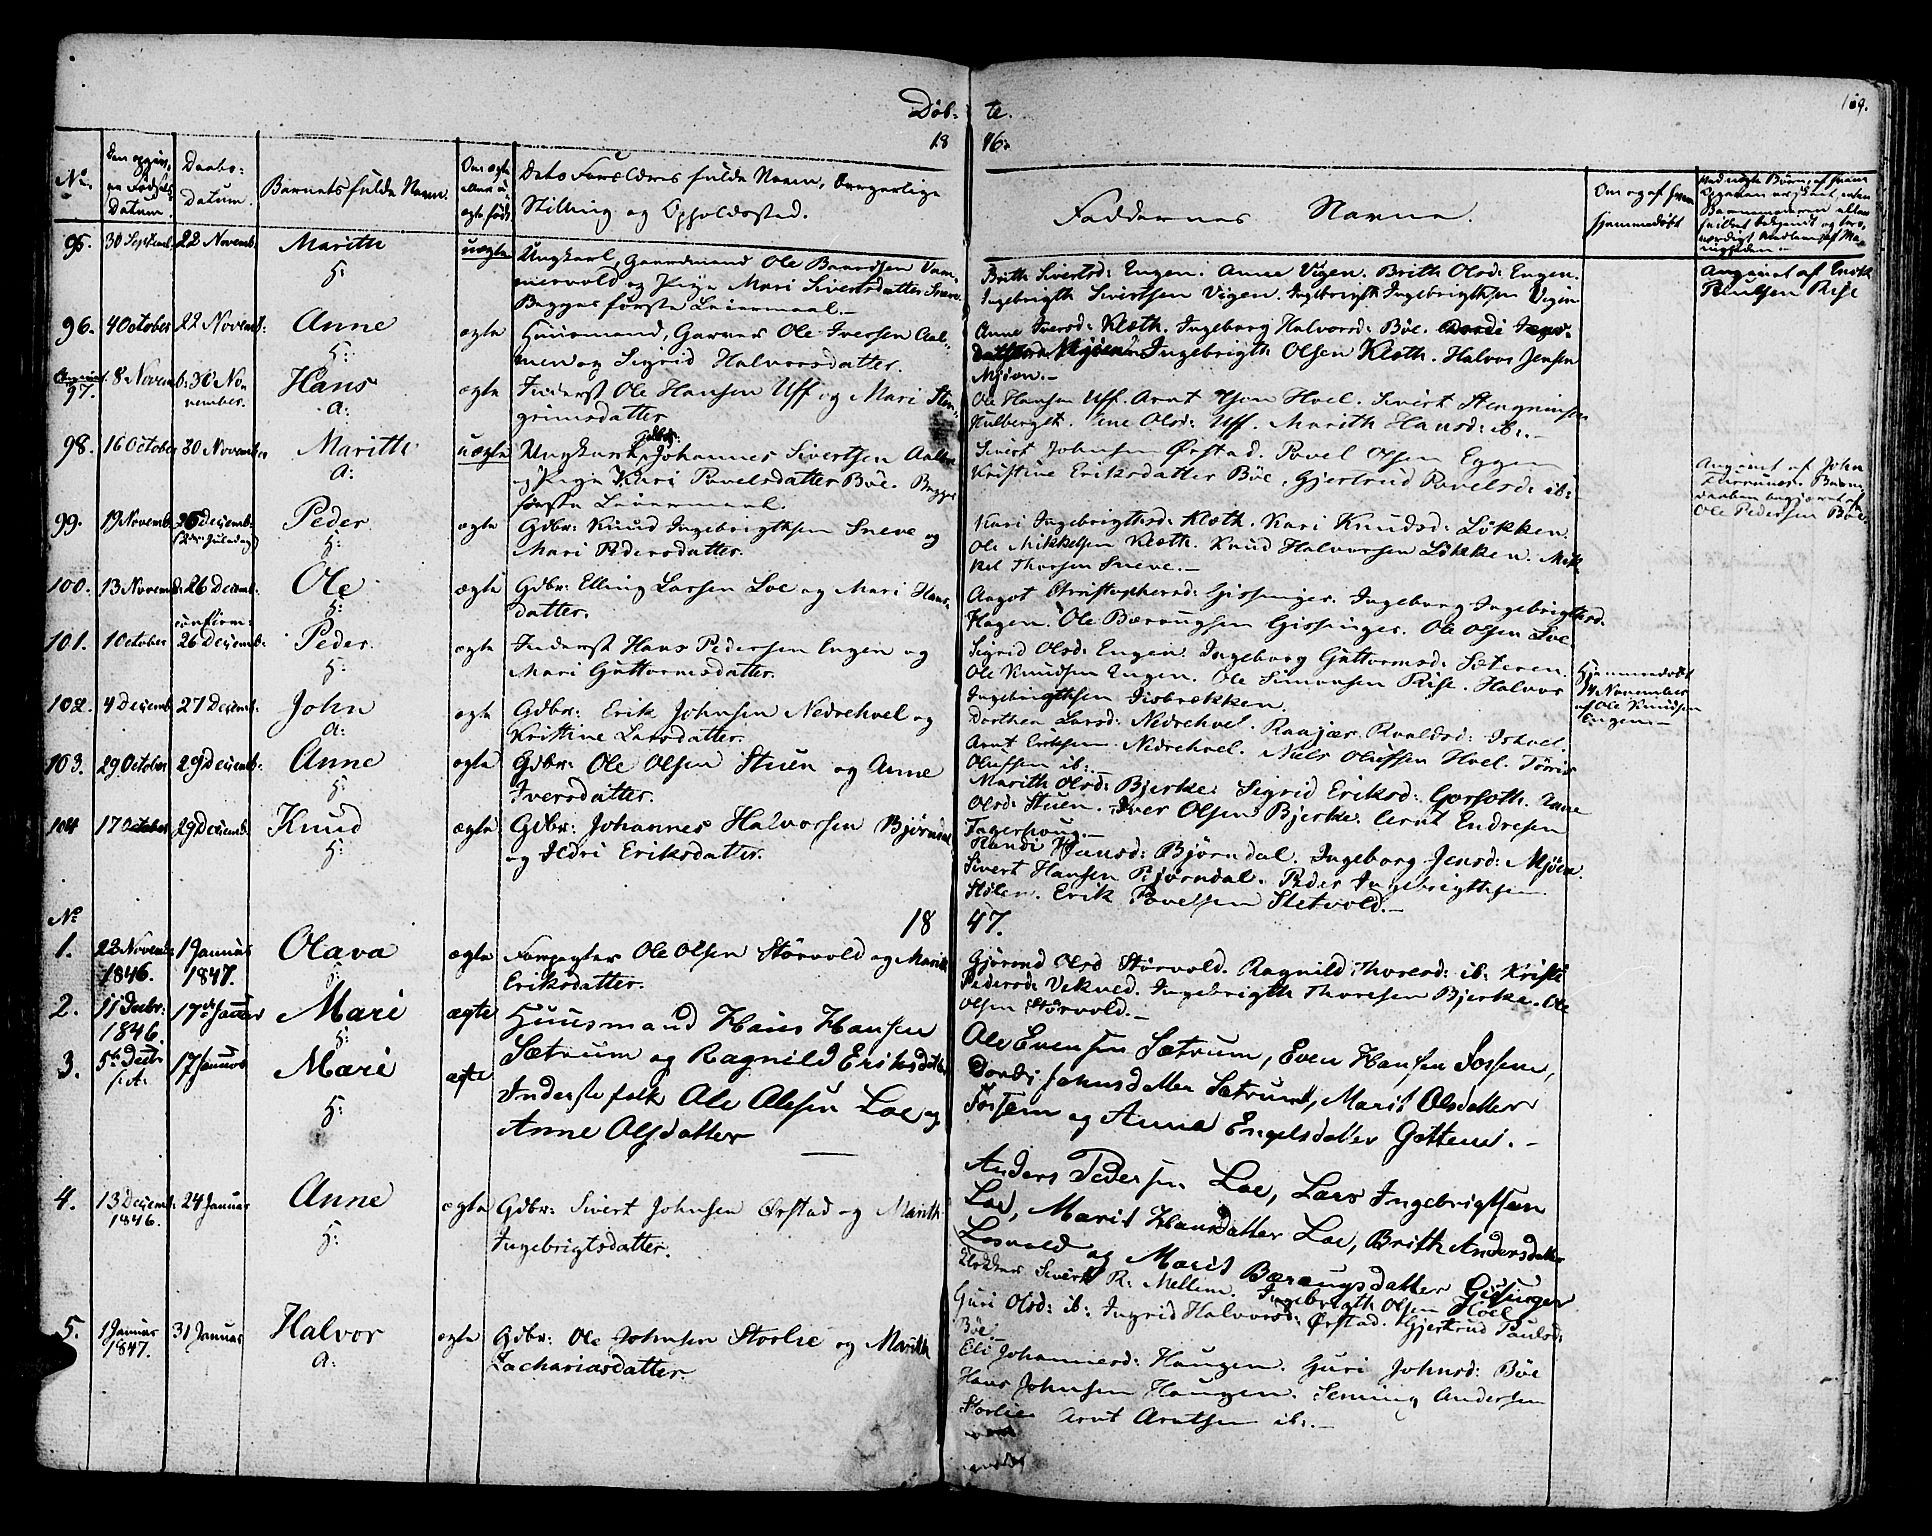 SAT, Ministerialprotokoller, klokkerbøker og fødselsregistre - Sør-Trøndelag, 678/L0897: Ministerialbok nr. 678A06-07, 1821-1847, s. 169